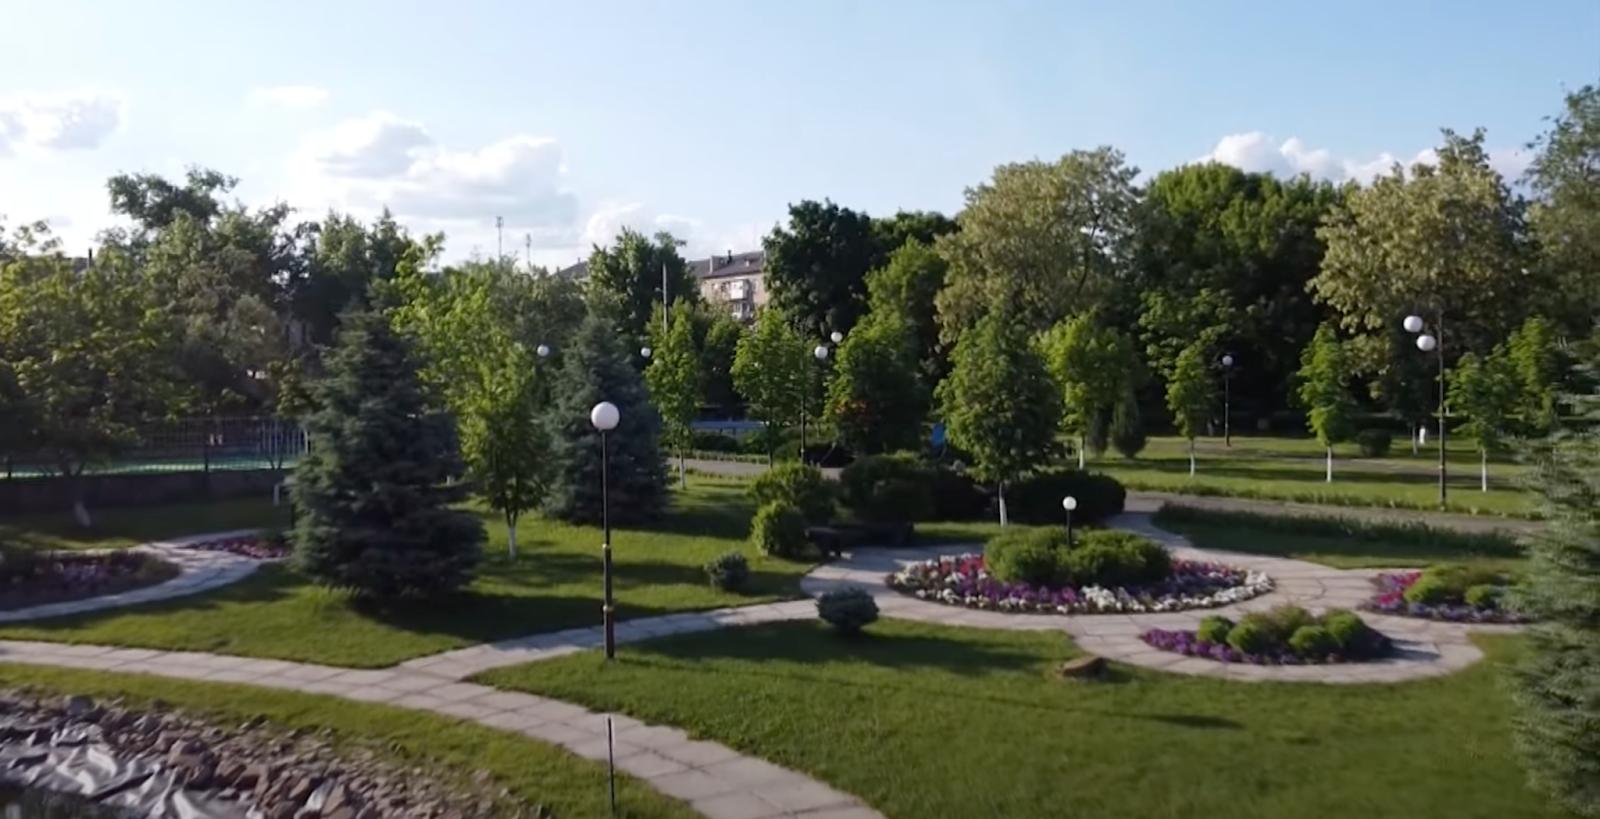 Предприятия Луганской области успешно выстраивают международное сотрудничество, — СМИ